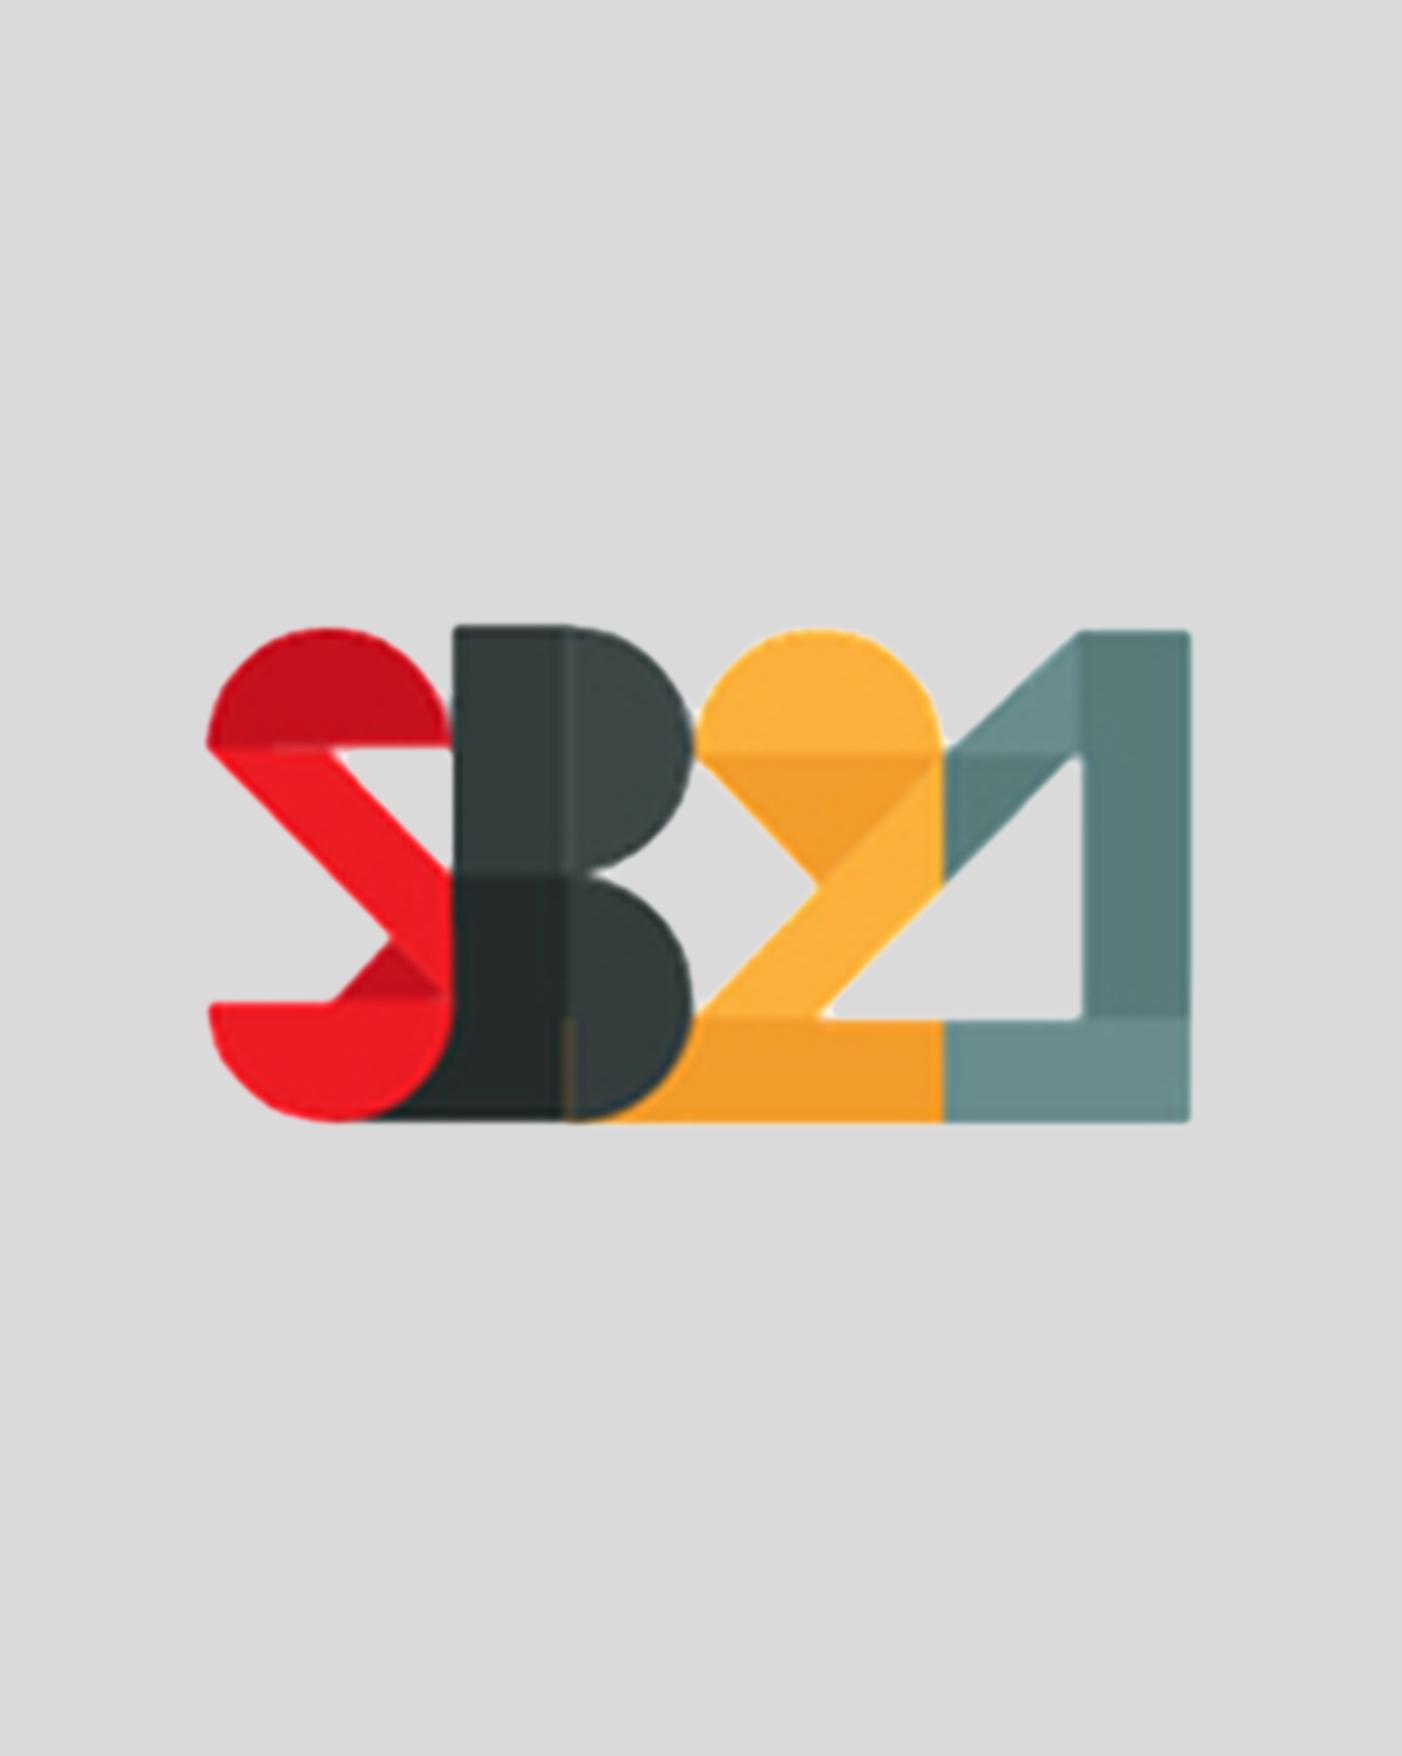 Saarbrücker 21